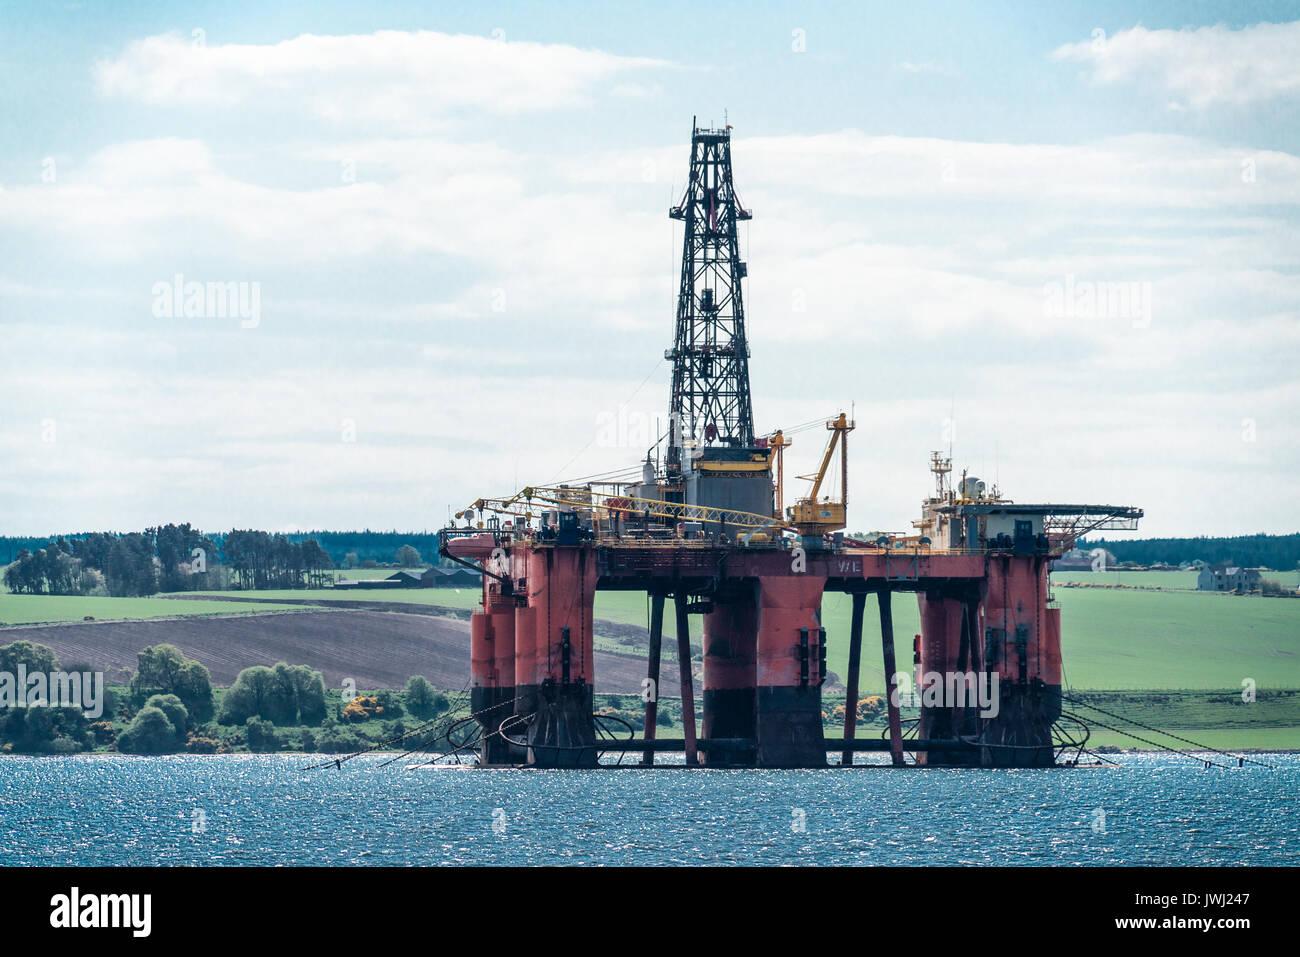 En desuso para perforación de petróleo del Mar del Norte amarrado en el Cromarty Firth, Escocia Foto de stock